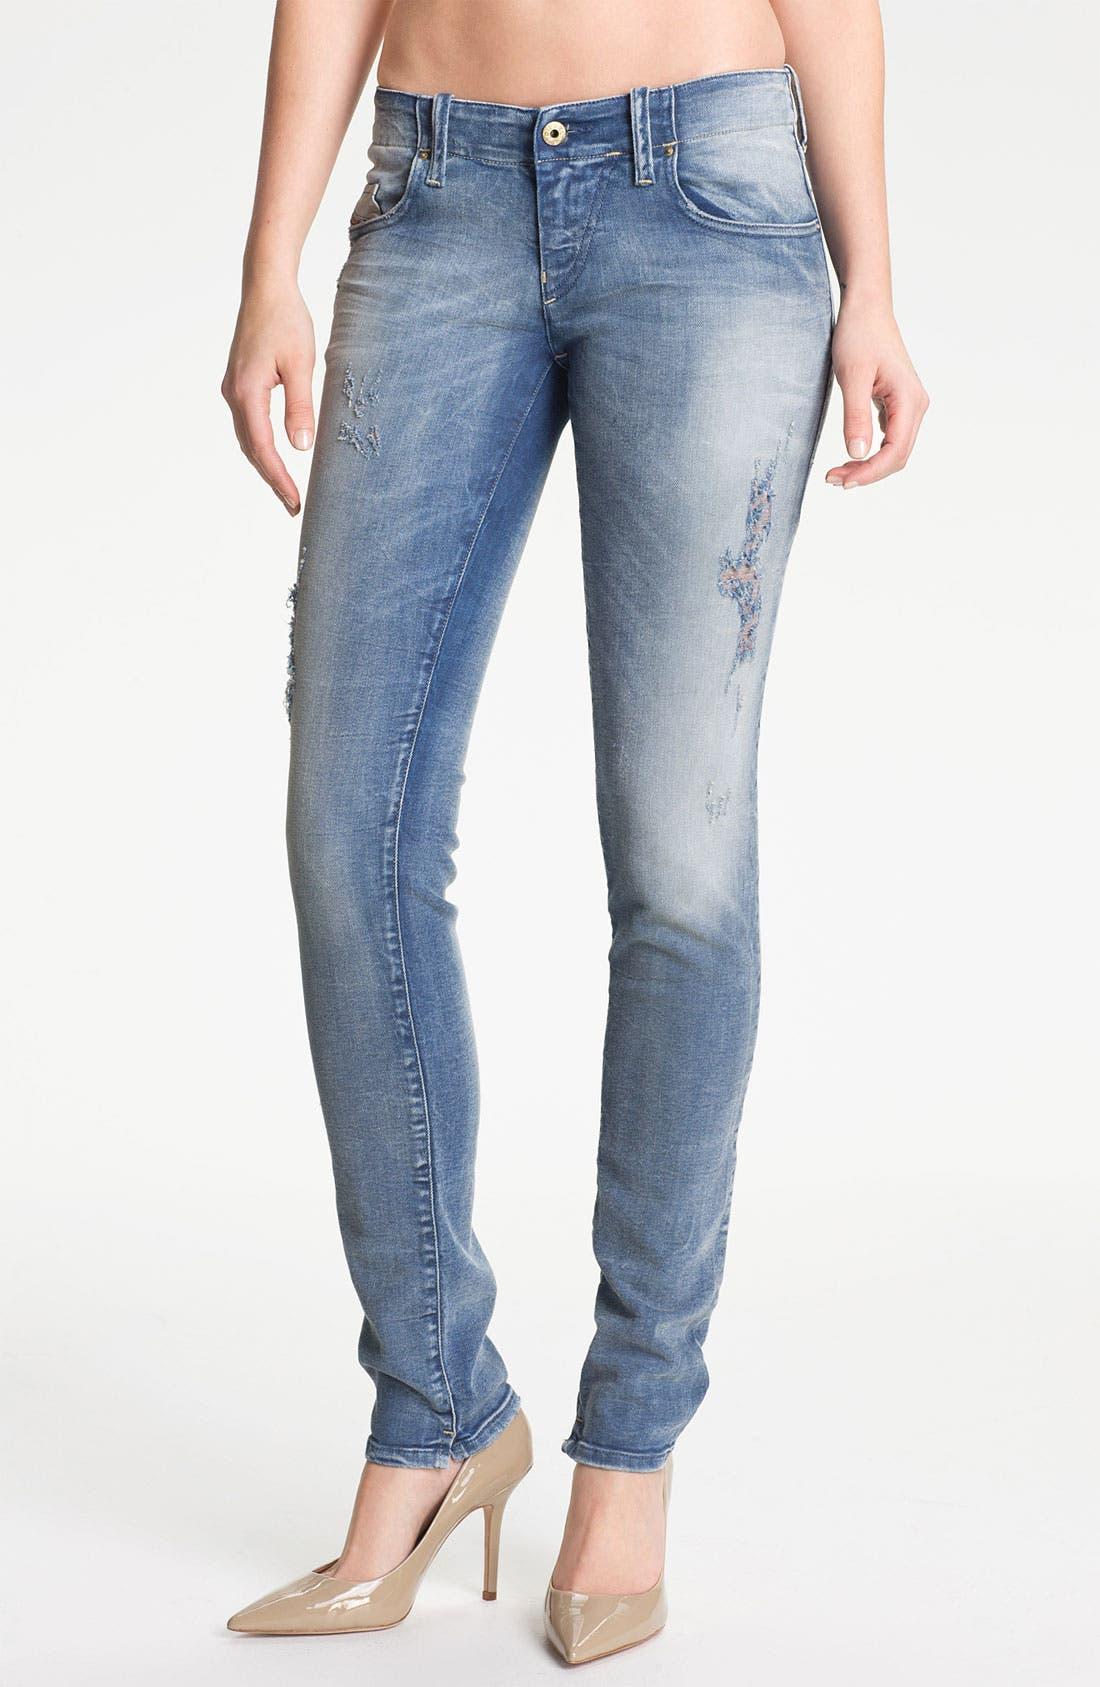 Alternate Image 1 Selected - DIESEL® 'Grupee' Distressed Denim Skinny Jeans (Blue Distressed)